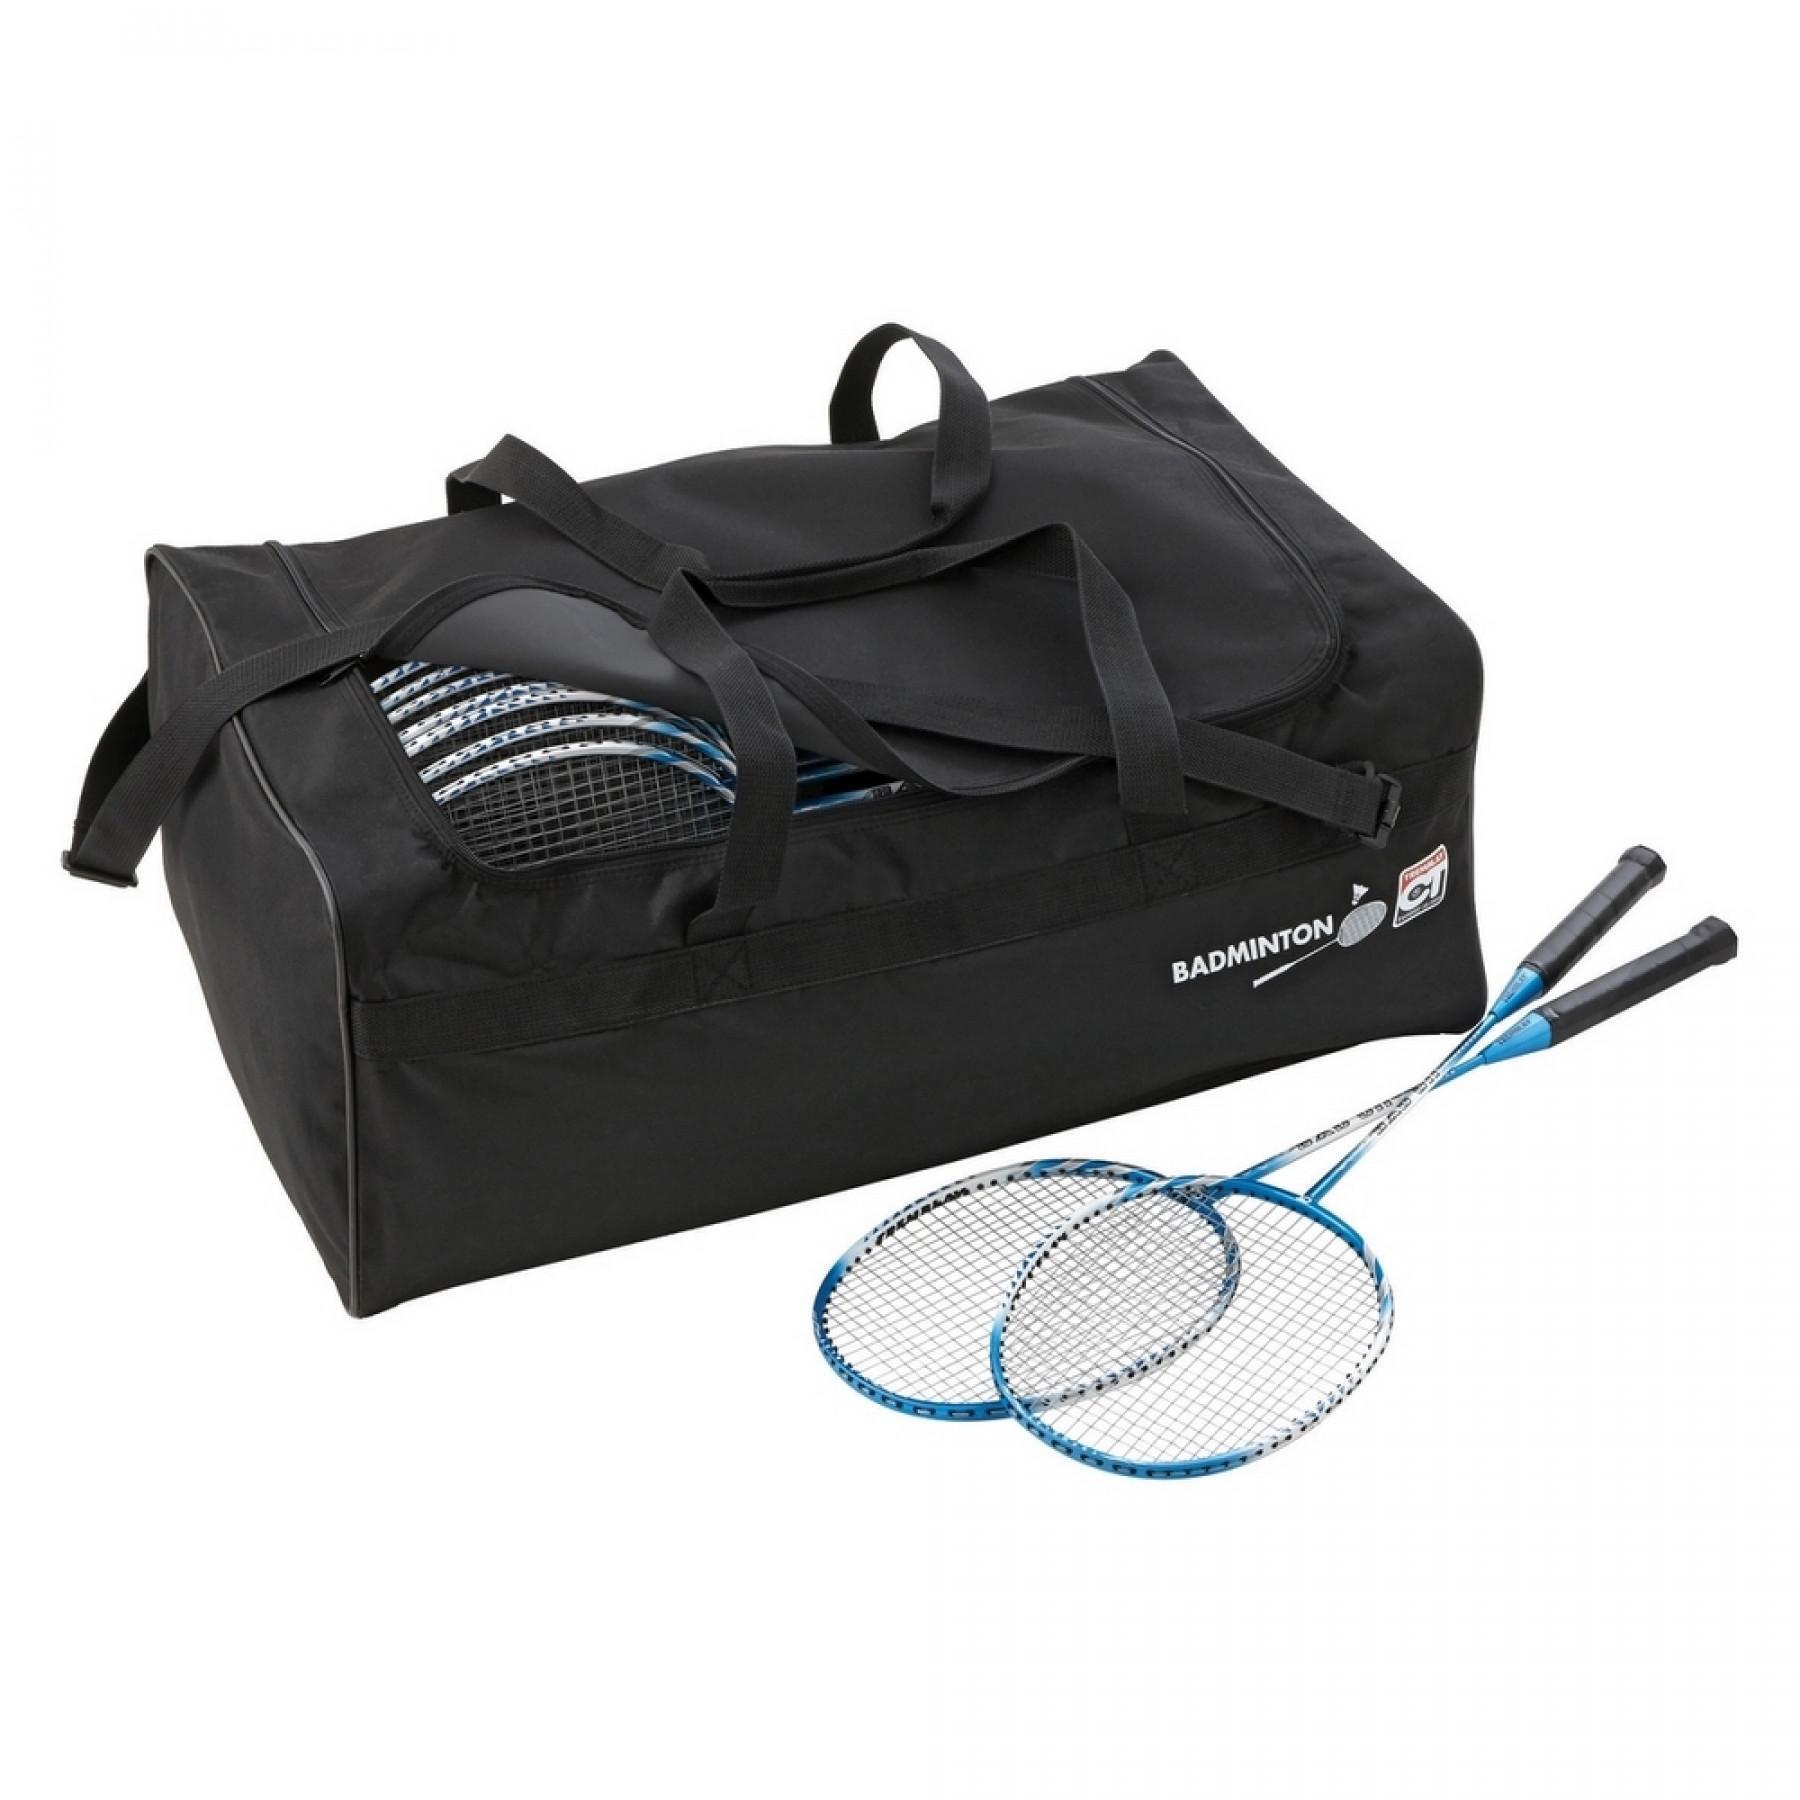 Tremblay badminton bag